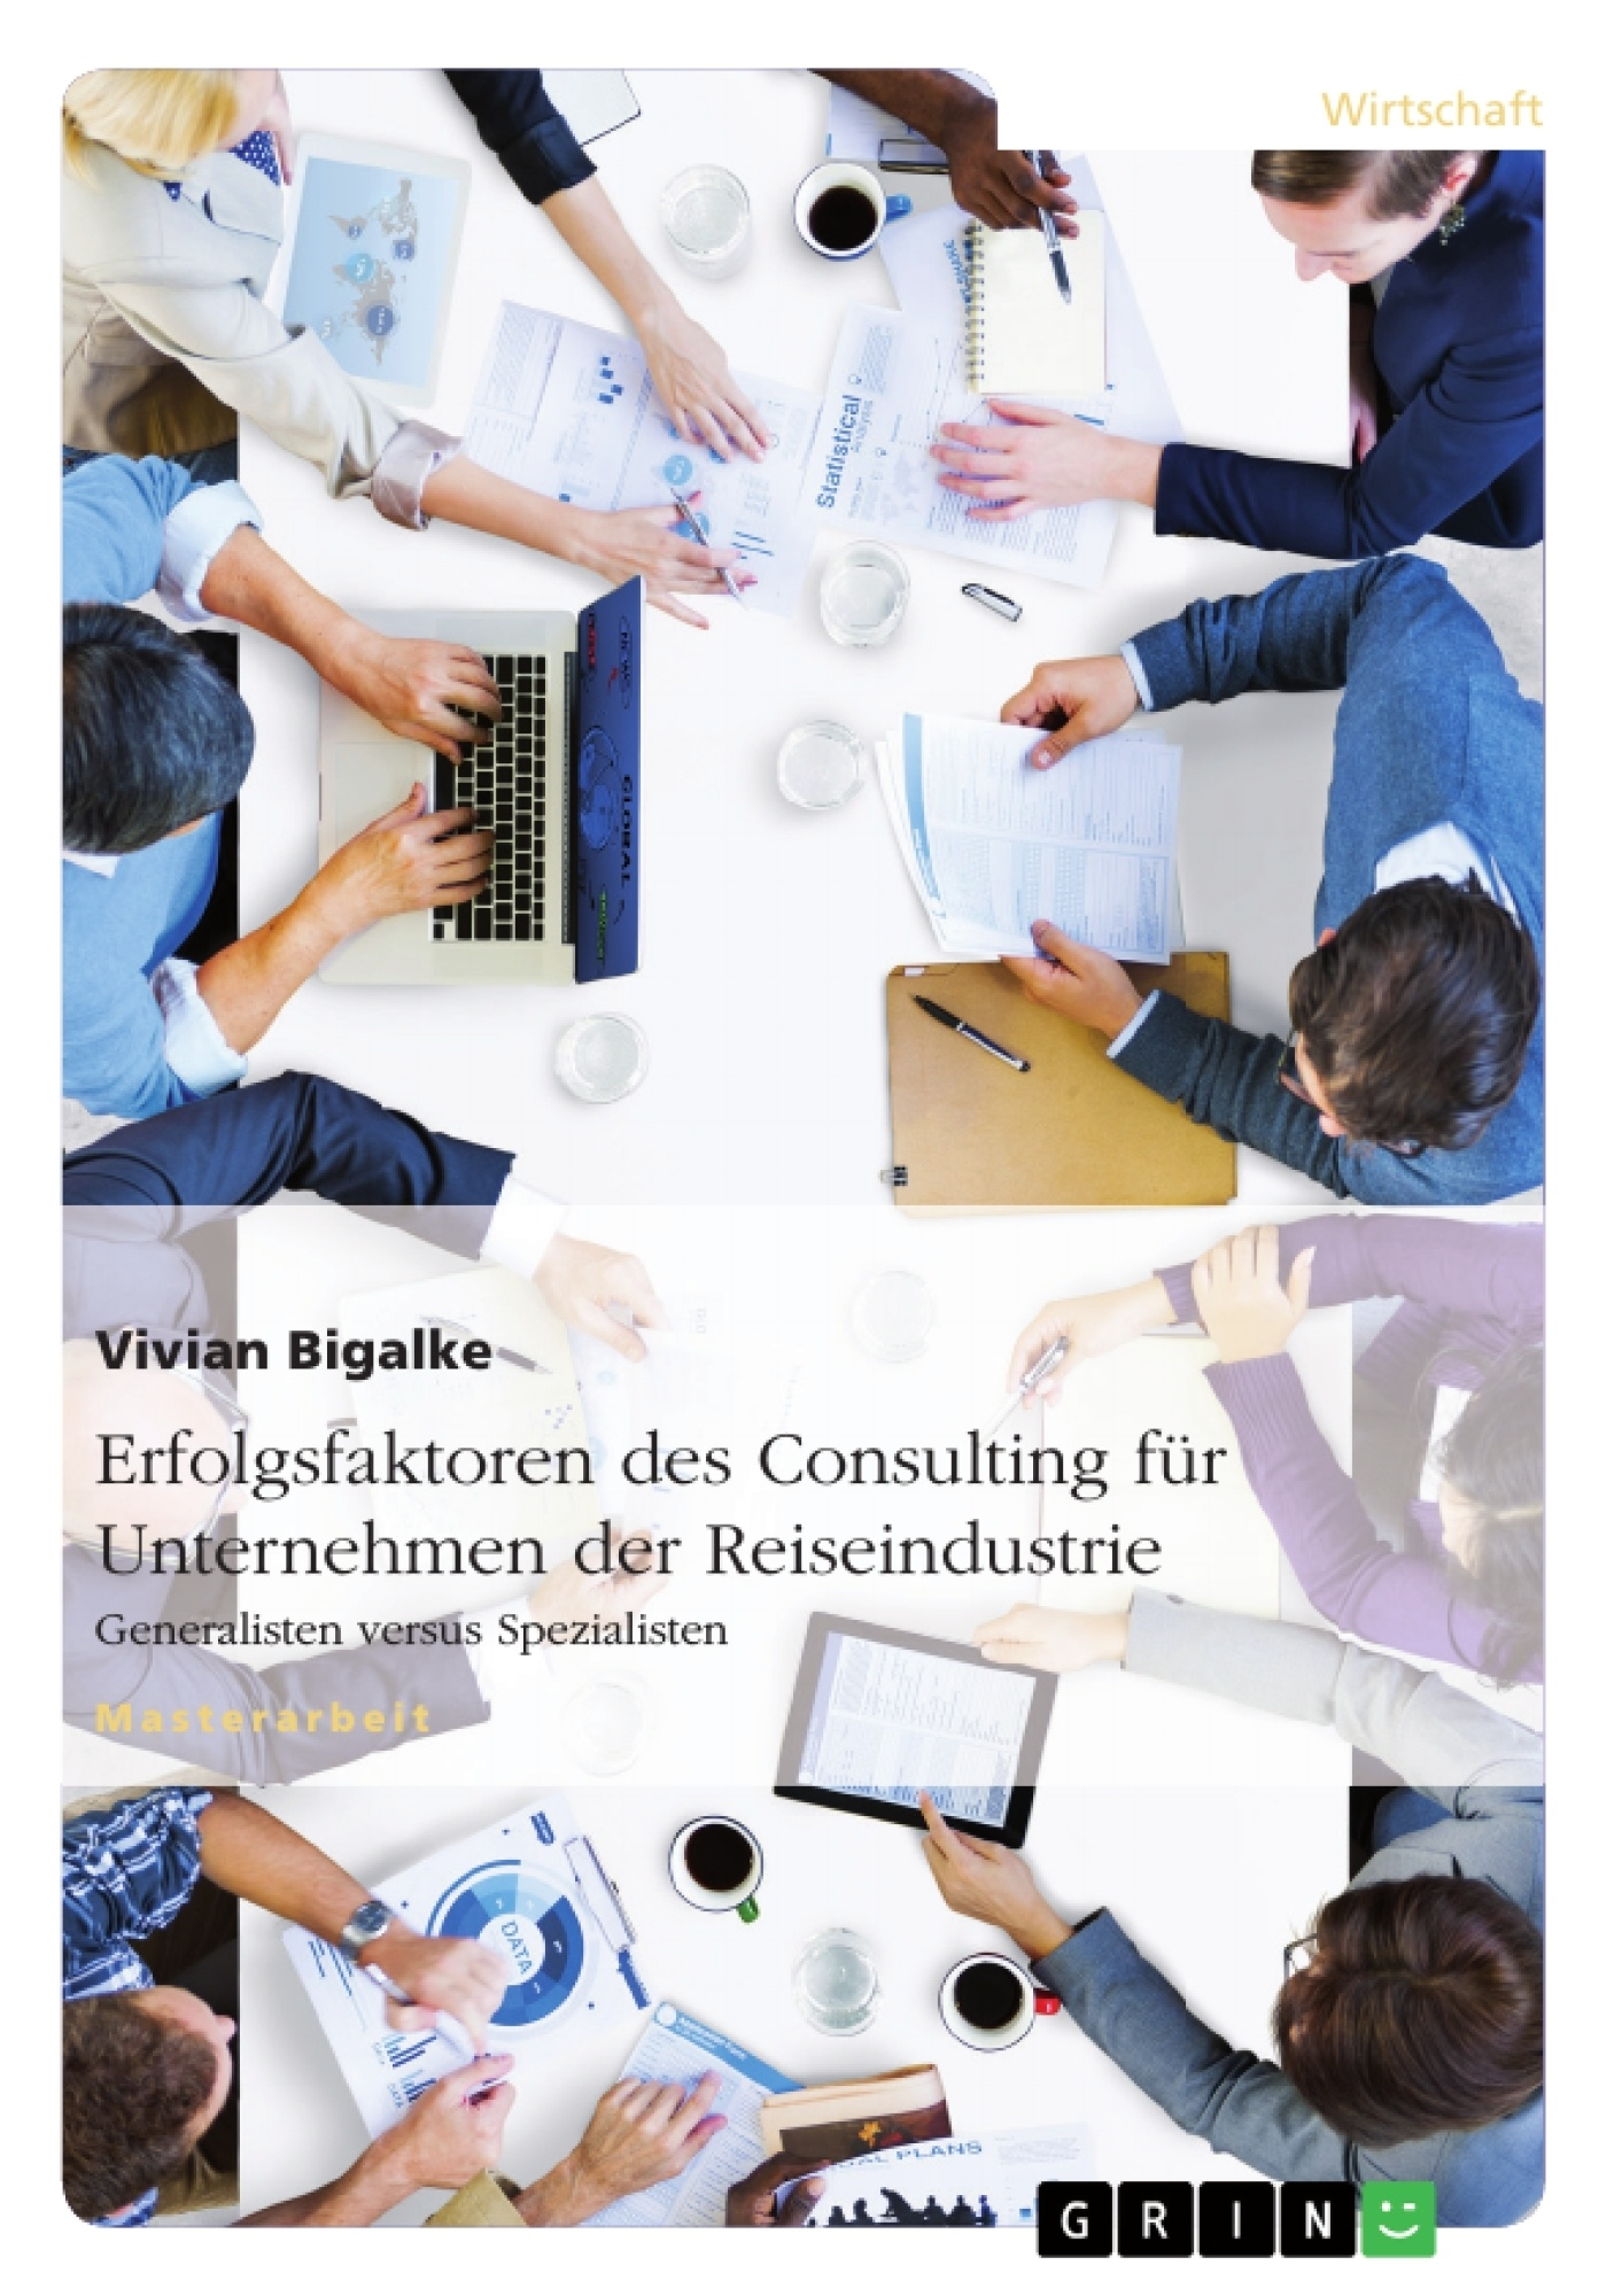 Titel: Erfolgsfaktoren des Consulting für Unternehmen der Reiseindustrie. Generalisten versus Spezialisten